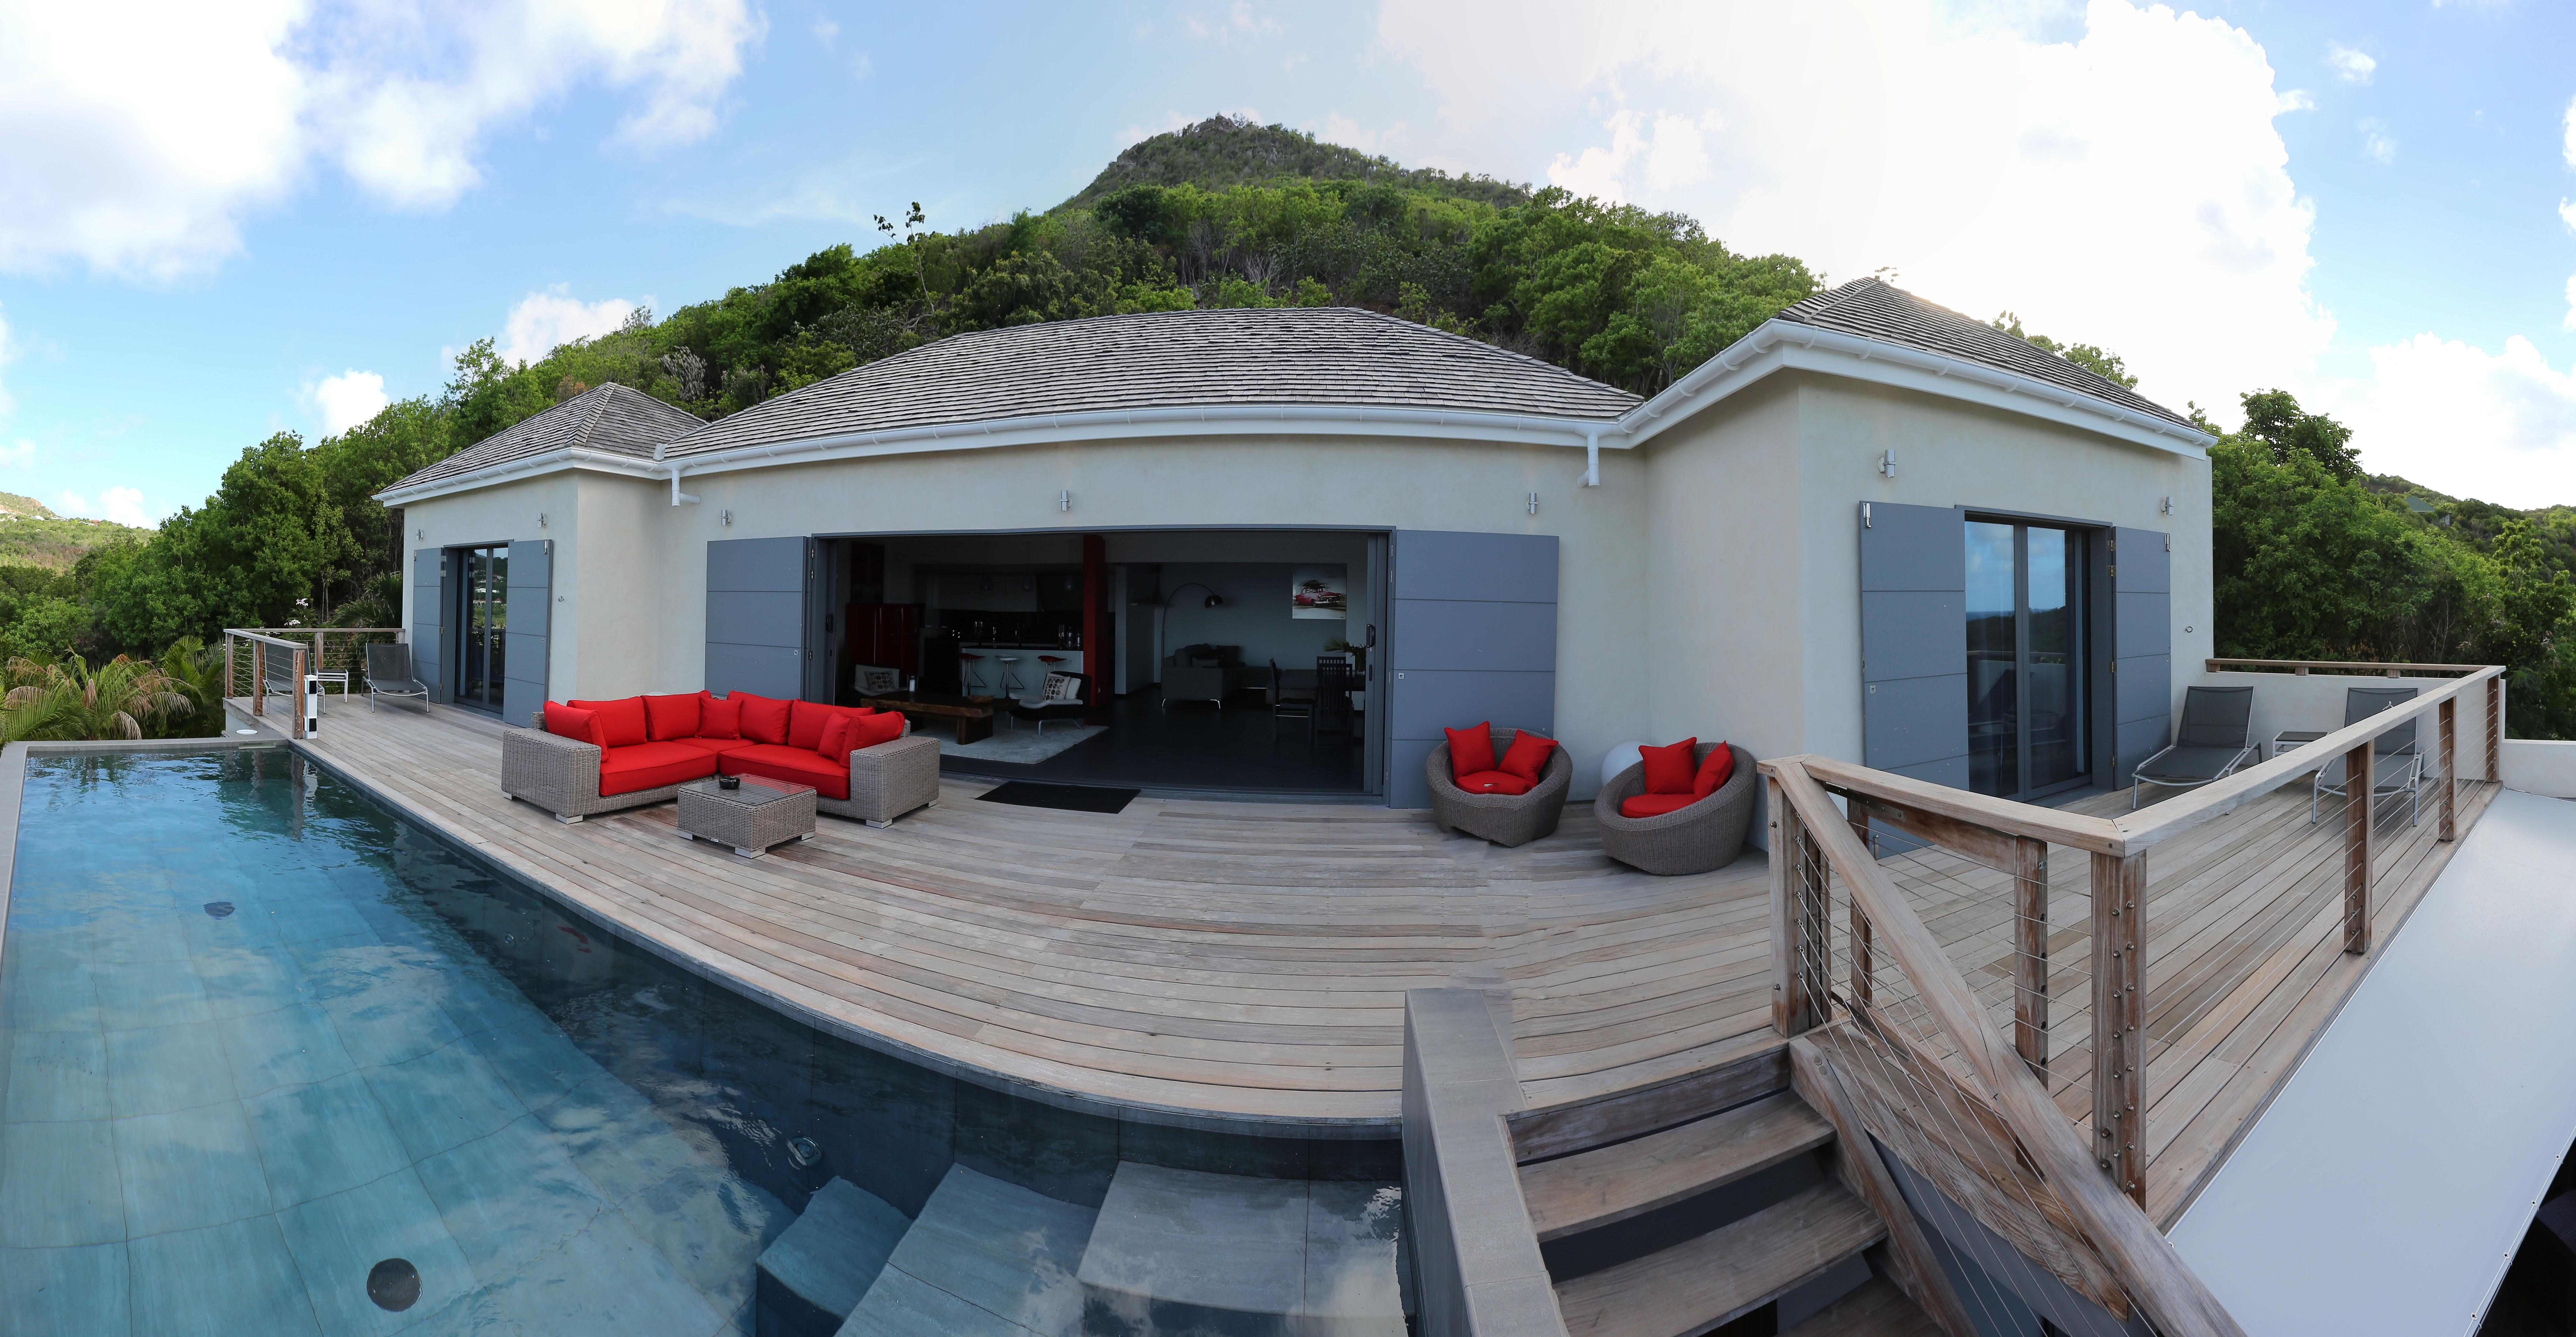 Location saisonni re villa 3 chambres st barth l my lorient for Piscine lorient moustoir